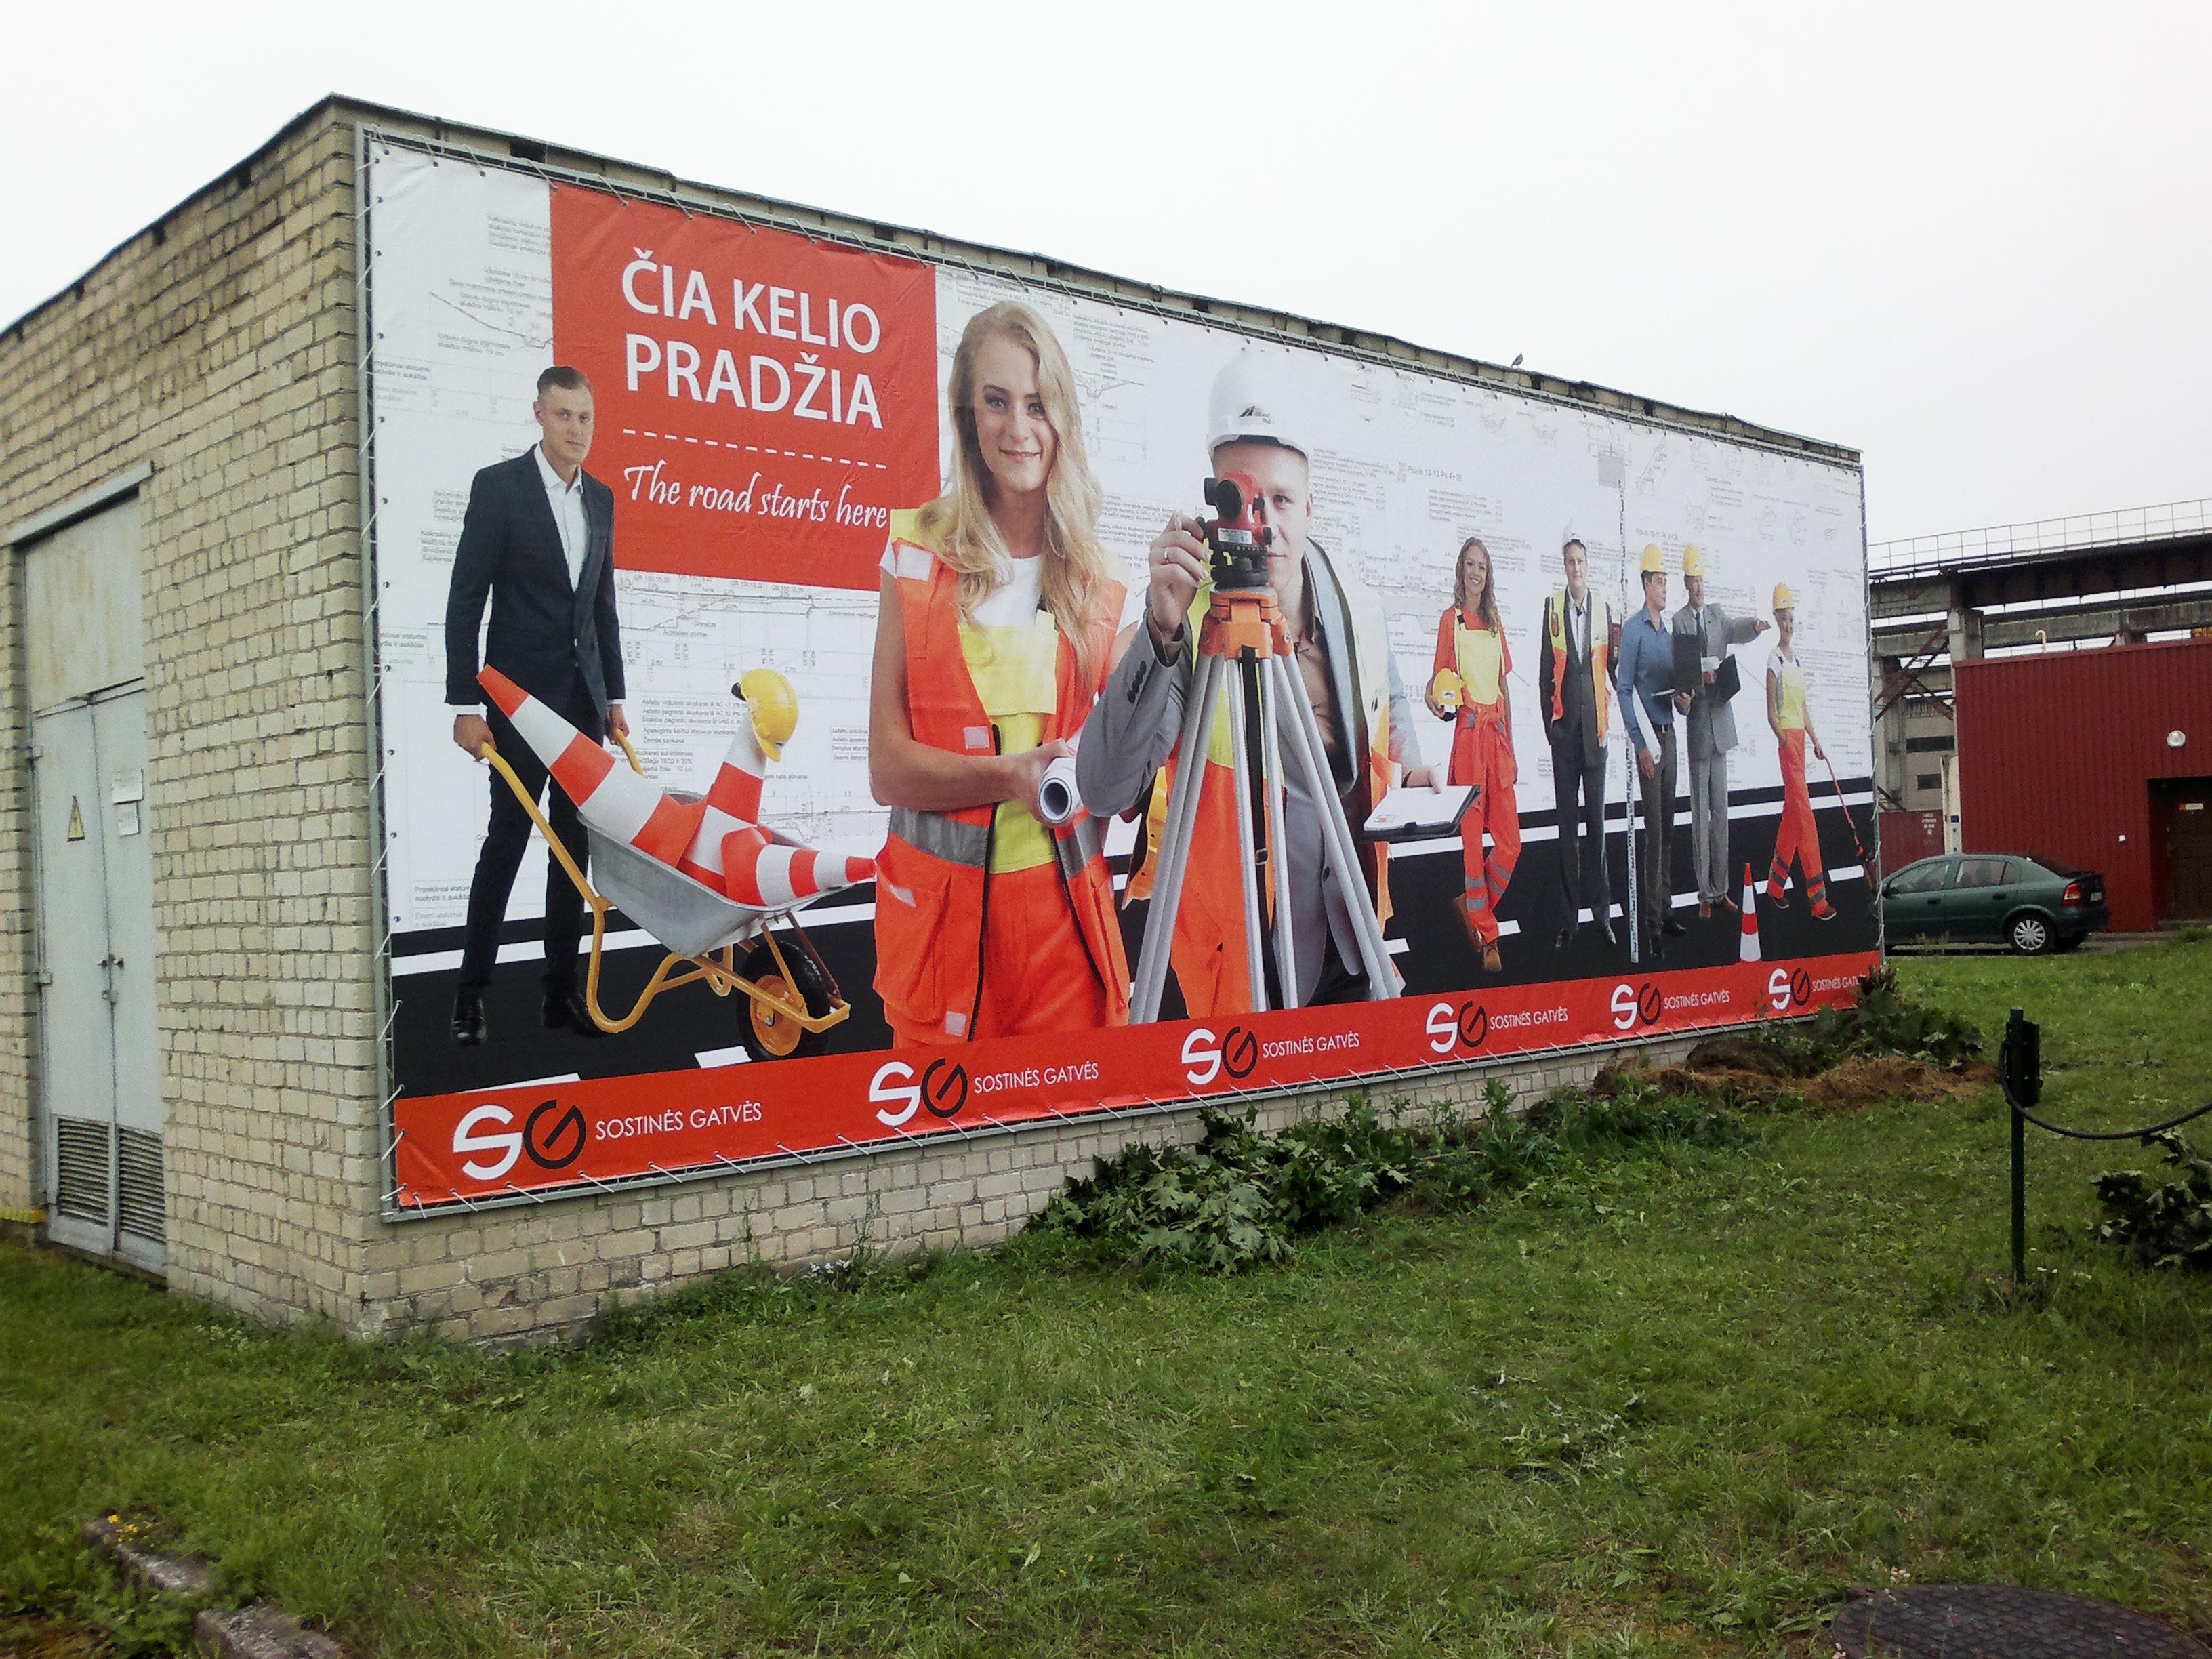 Tentinė lauko reklama